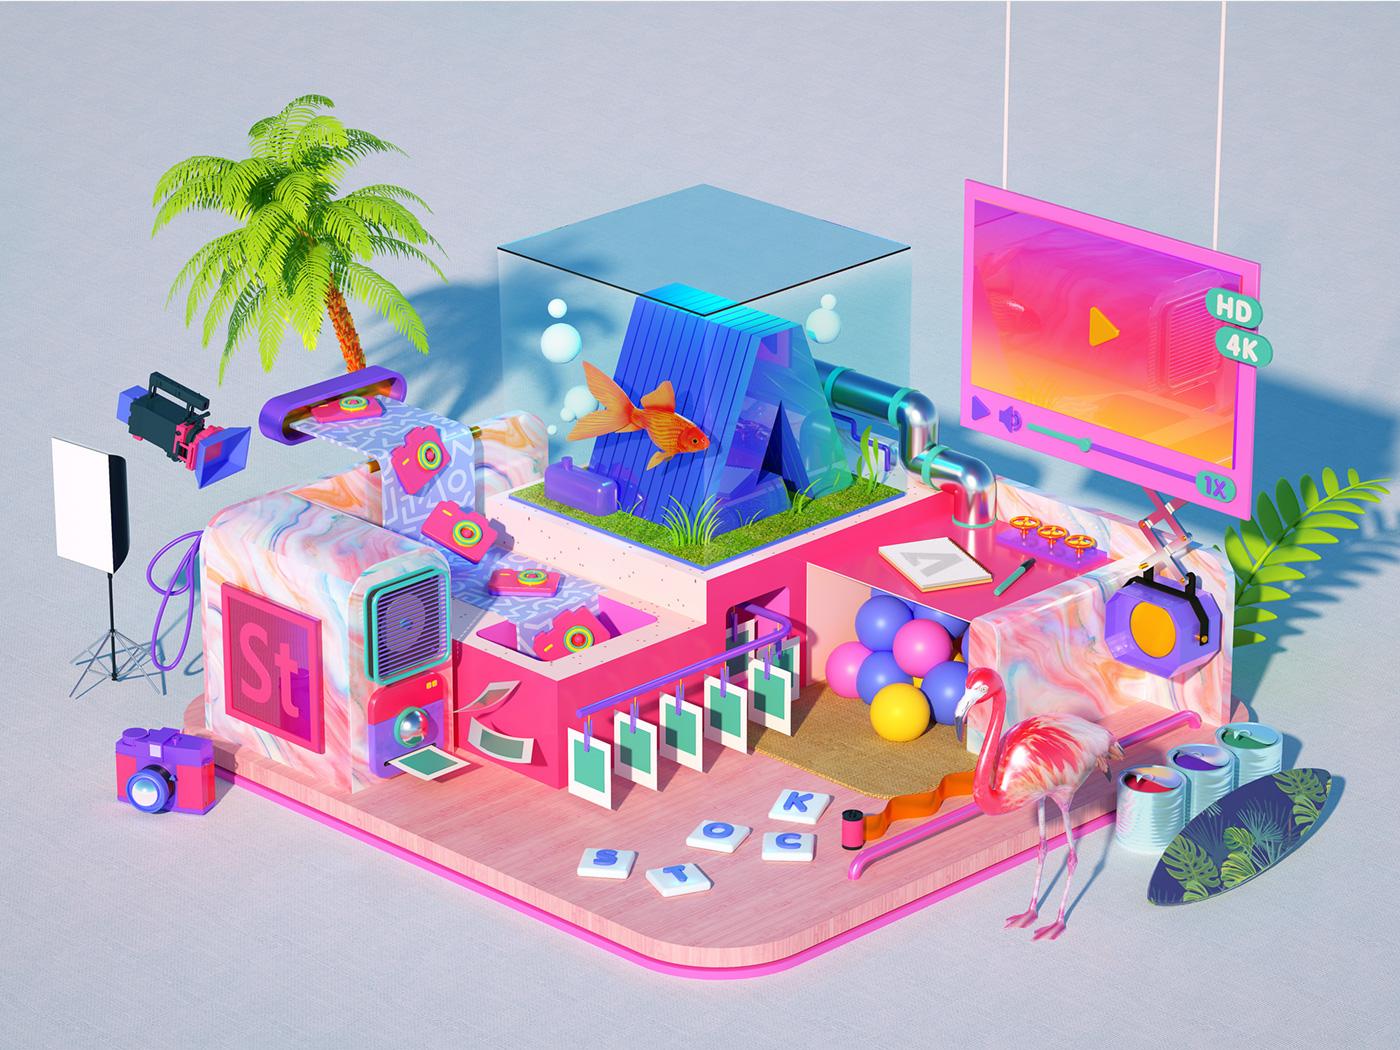 Illustration & Digital Art: 3D Works by Ryogo Toyoda